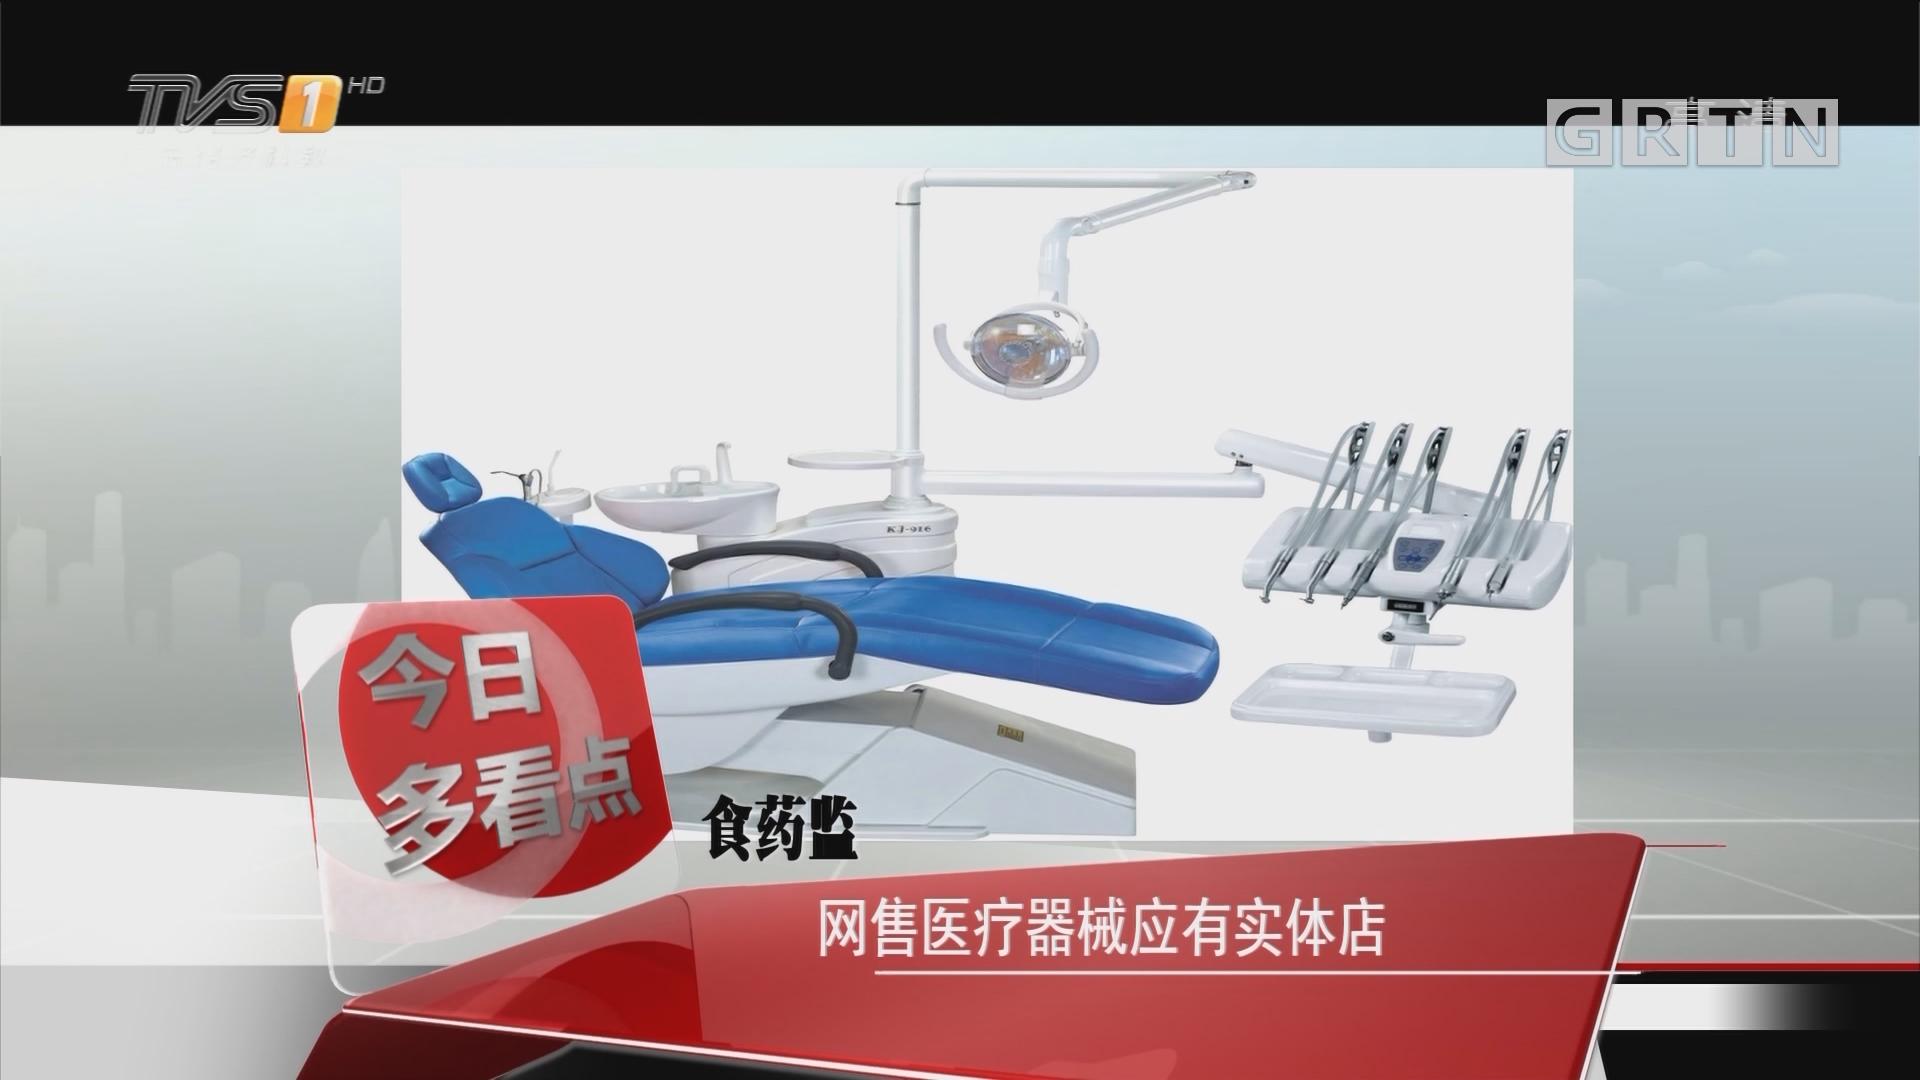 食药监:网售医疗器械应有实体店